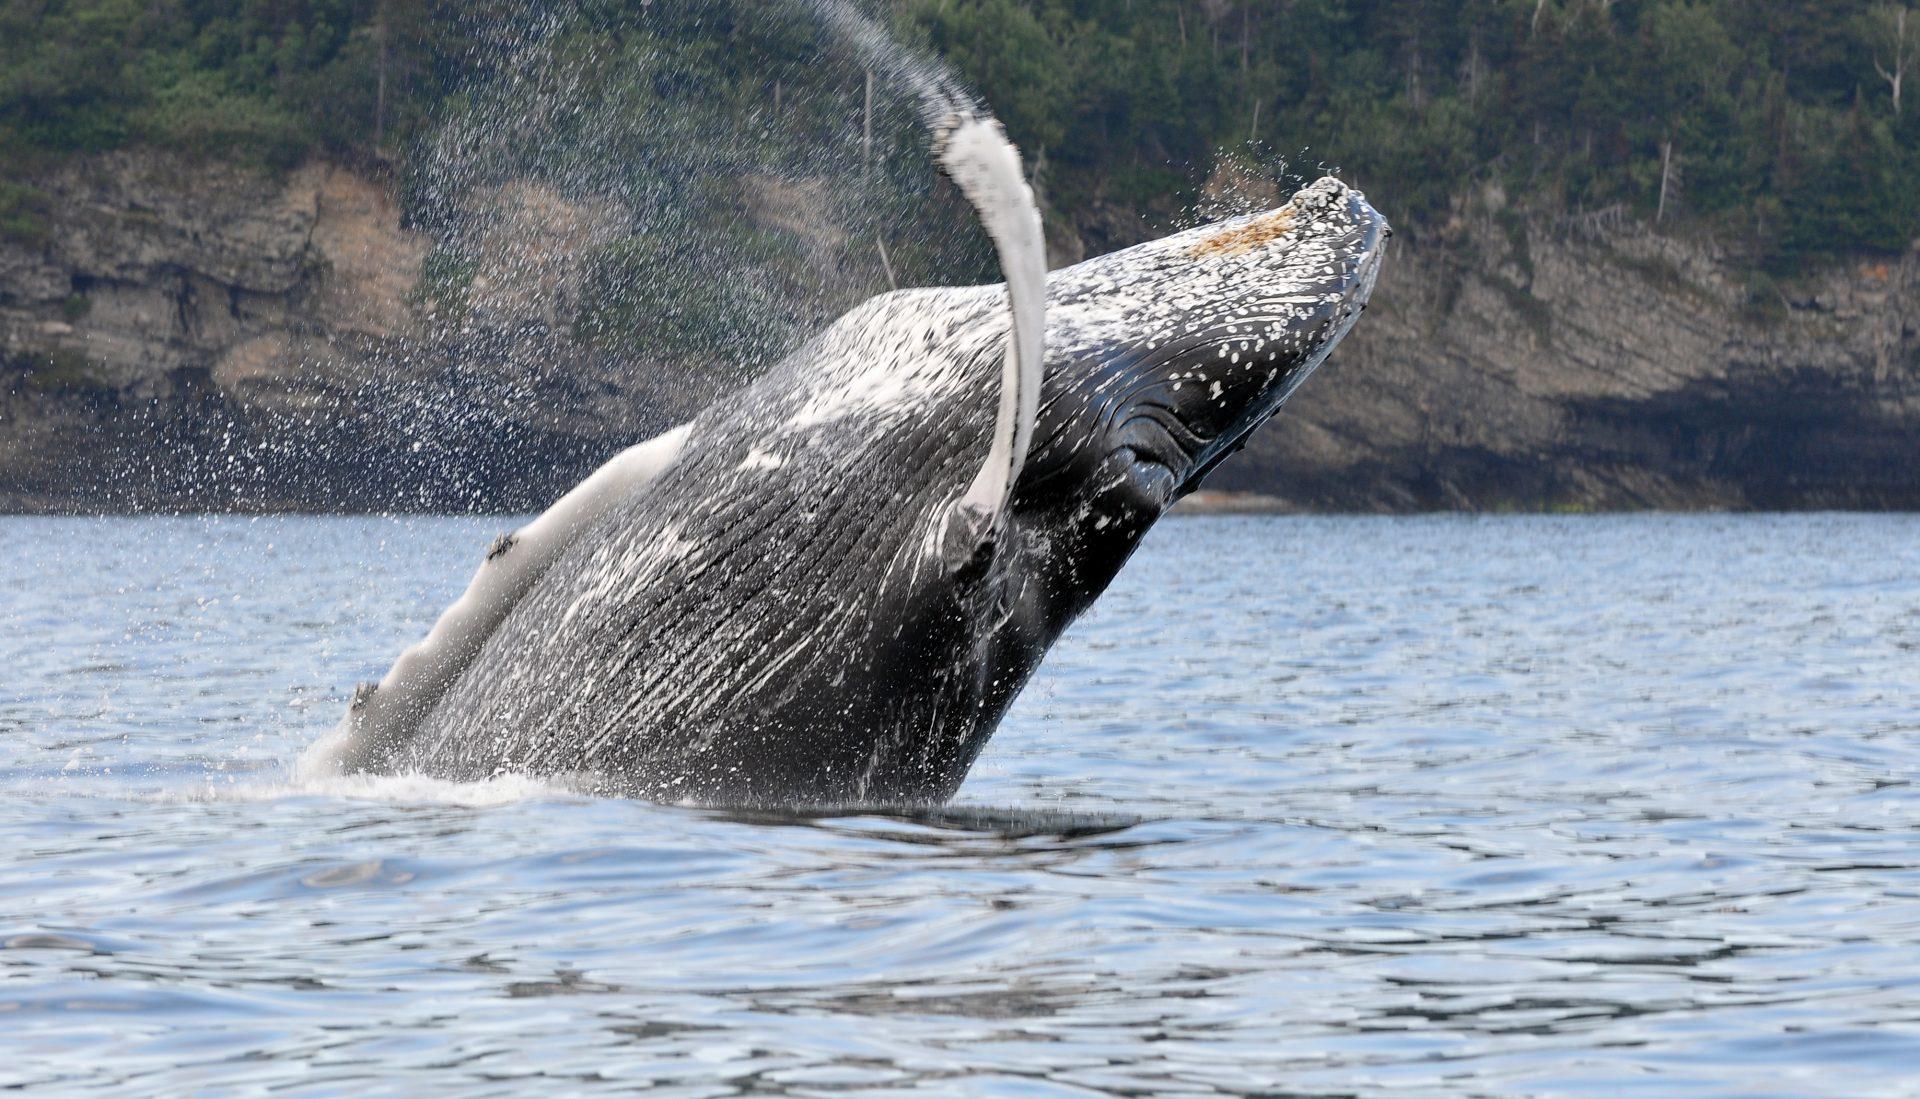 Croisières Baie de Gaspé, observation de baleines